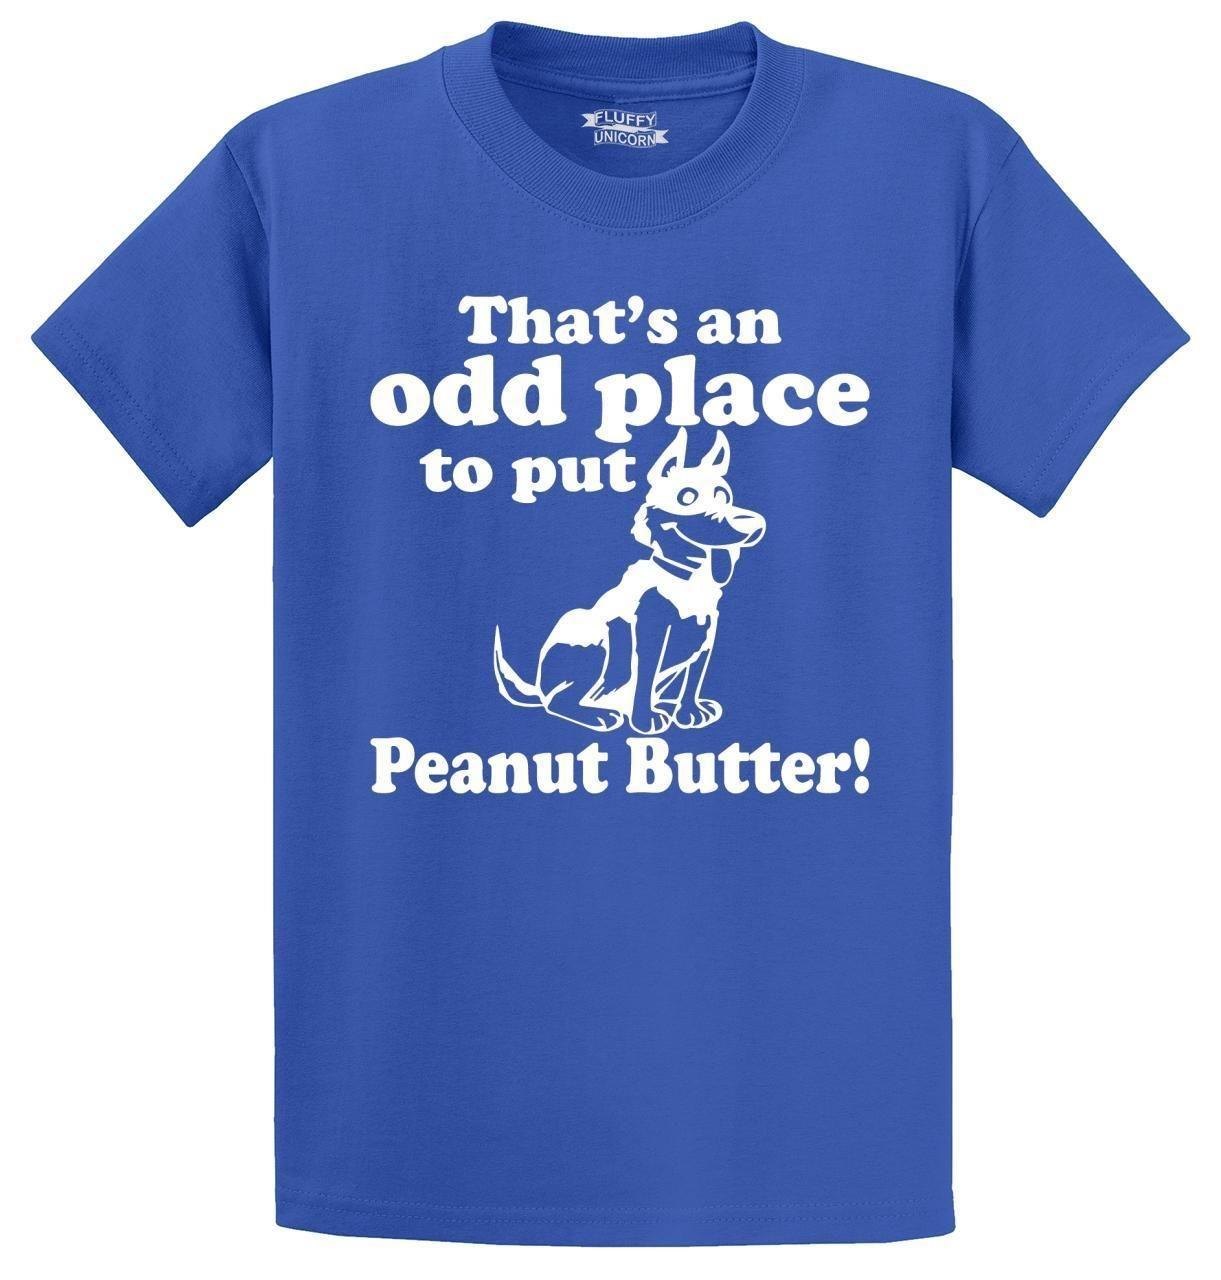 nouveau style 850d0 142fa Mens qui est un endroit étrange pour mettre T-shirt de chien de beurre de  cacahuète chemise Animal drôle drôle livraison gratuite Unisexe Casual ...